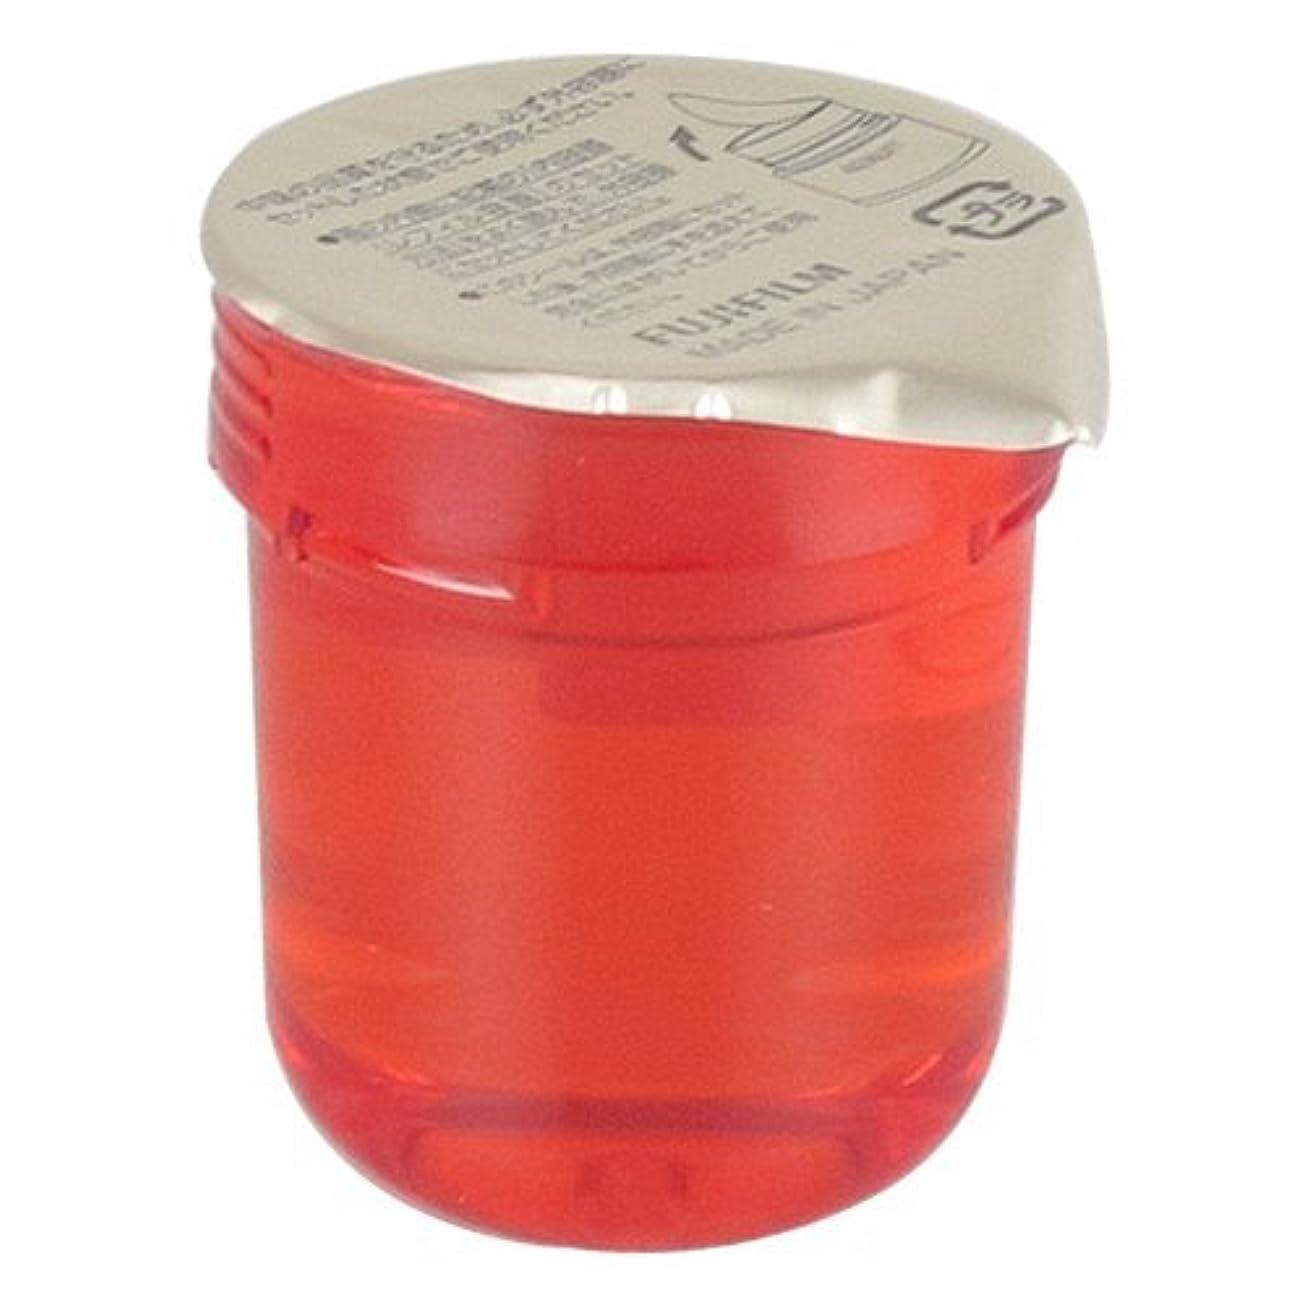 容器三番水っぽいアスタリフト ジェリー アクアリスタ レフィル 40g [並行輸入品]